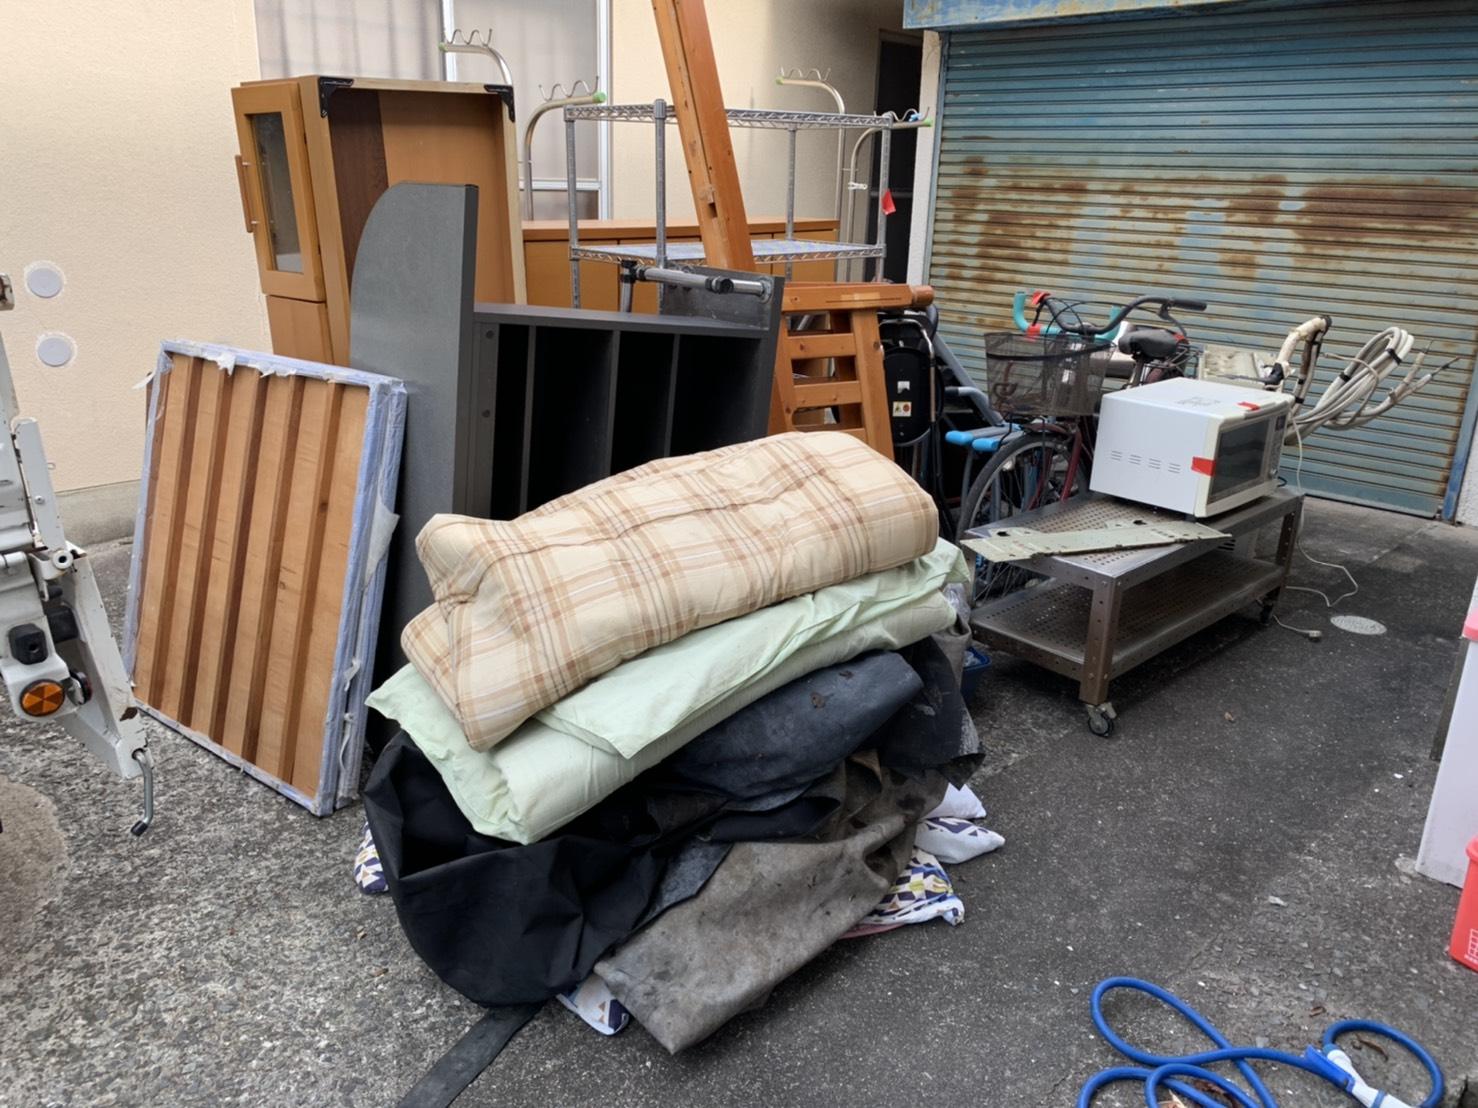 布団、テレビ台、その他不用品の回収前